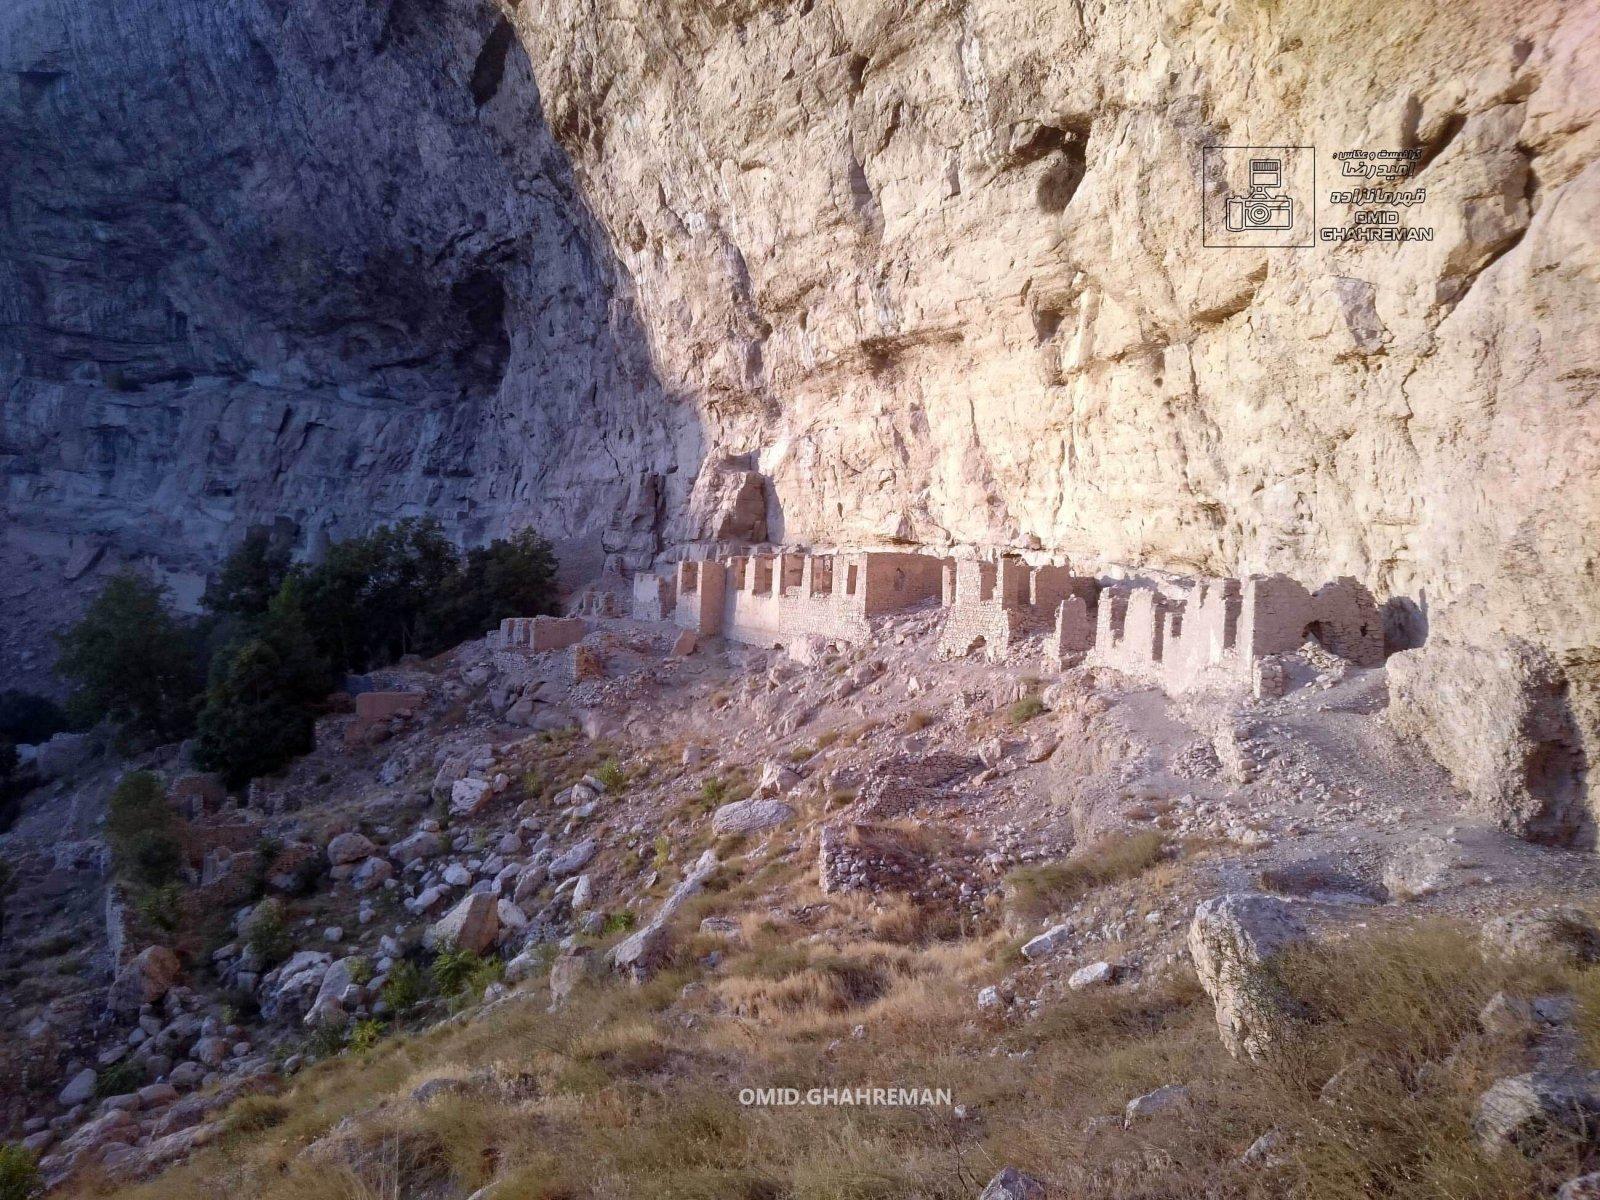 نمایی از خانه خرابه های کوه قیه و قلعه قبان